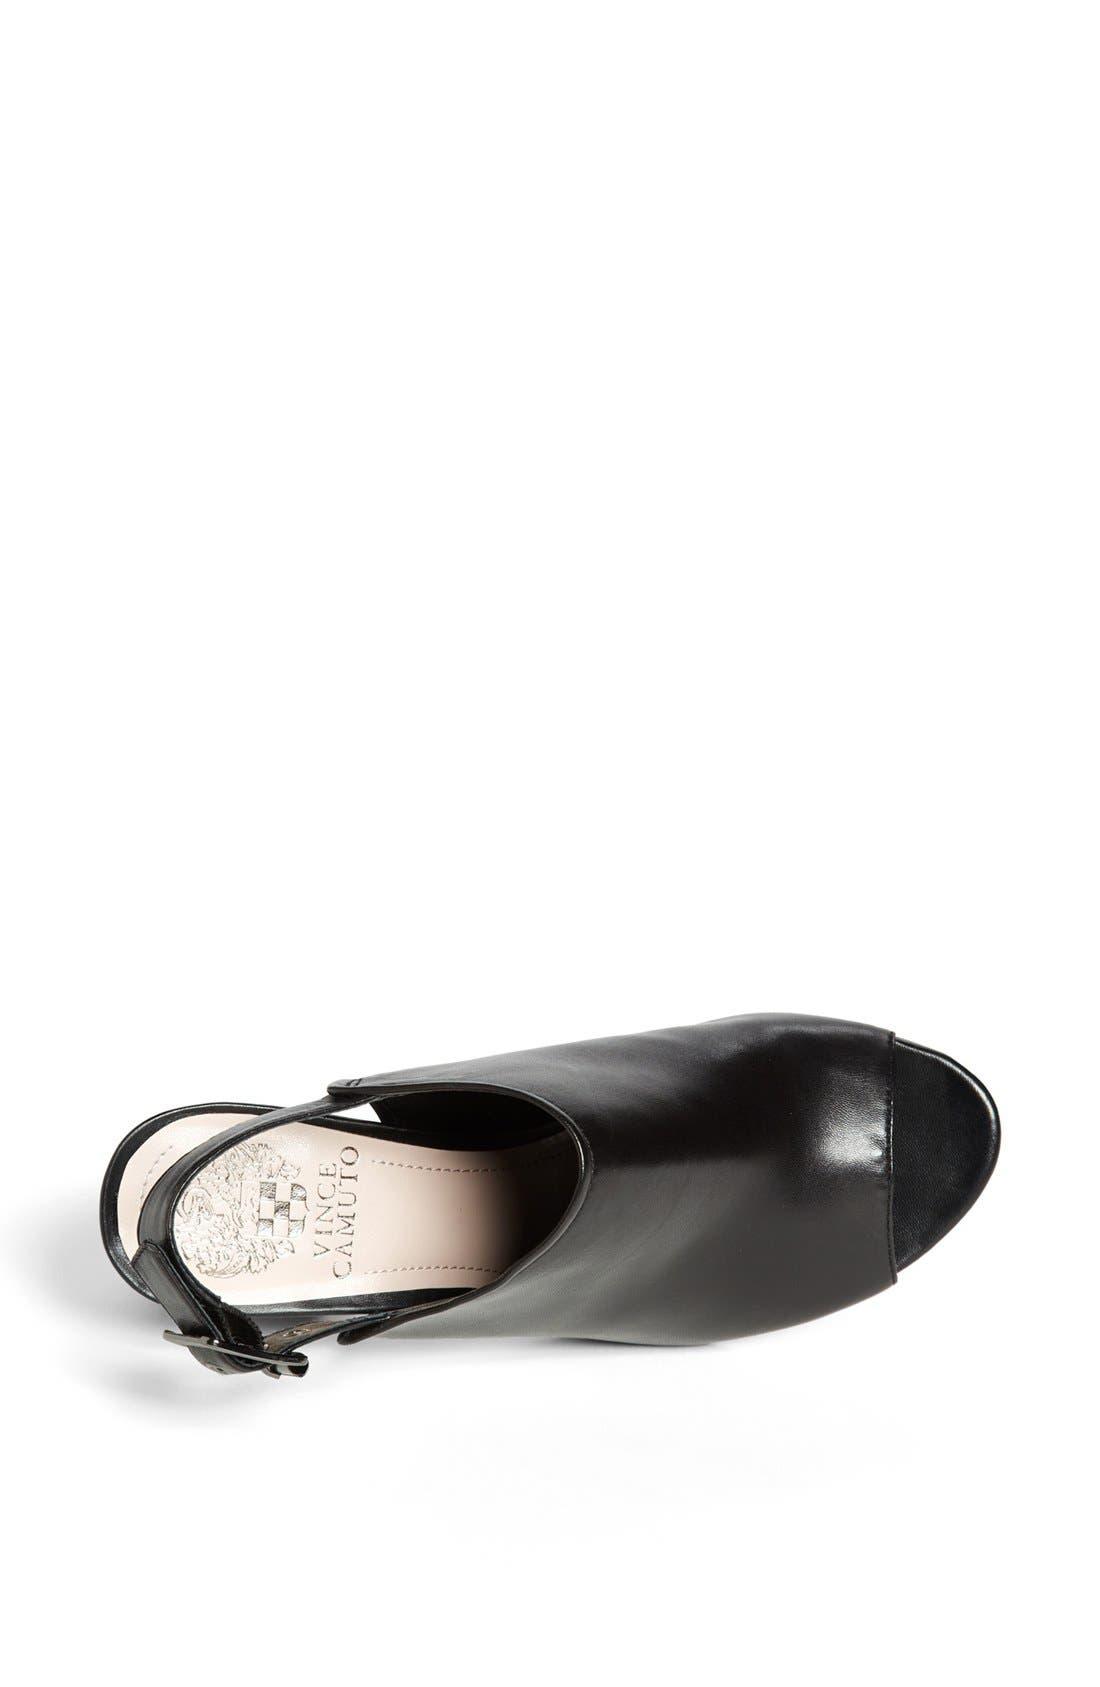 Alternate Image 3  - Vince Camuto 'Brianny' Slingback Peep Toe Leather Sandal